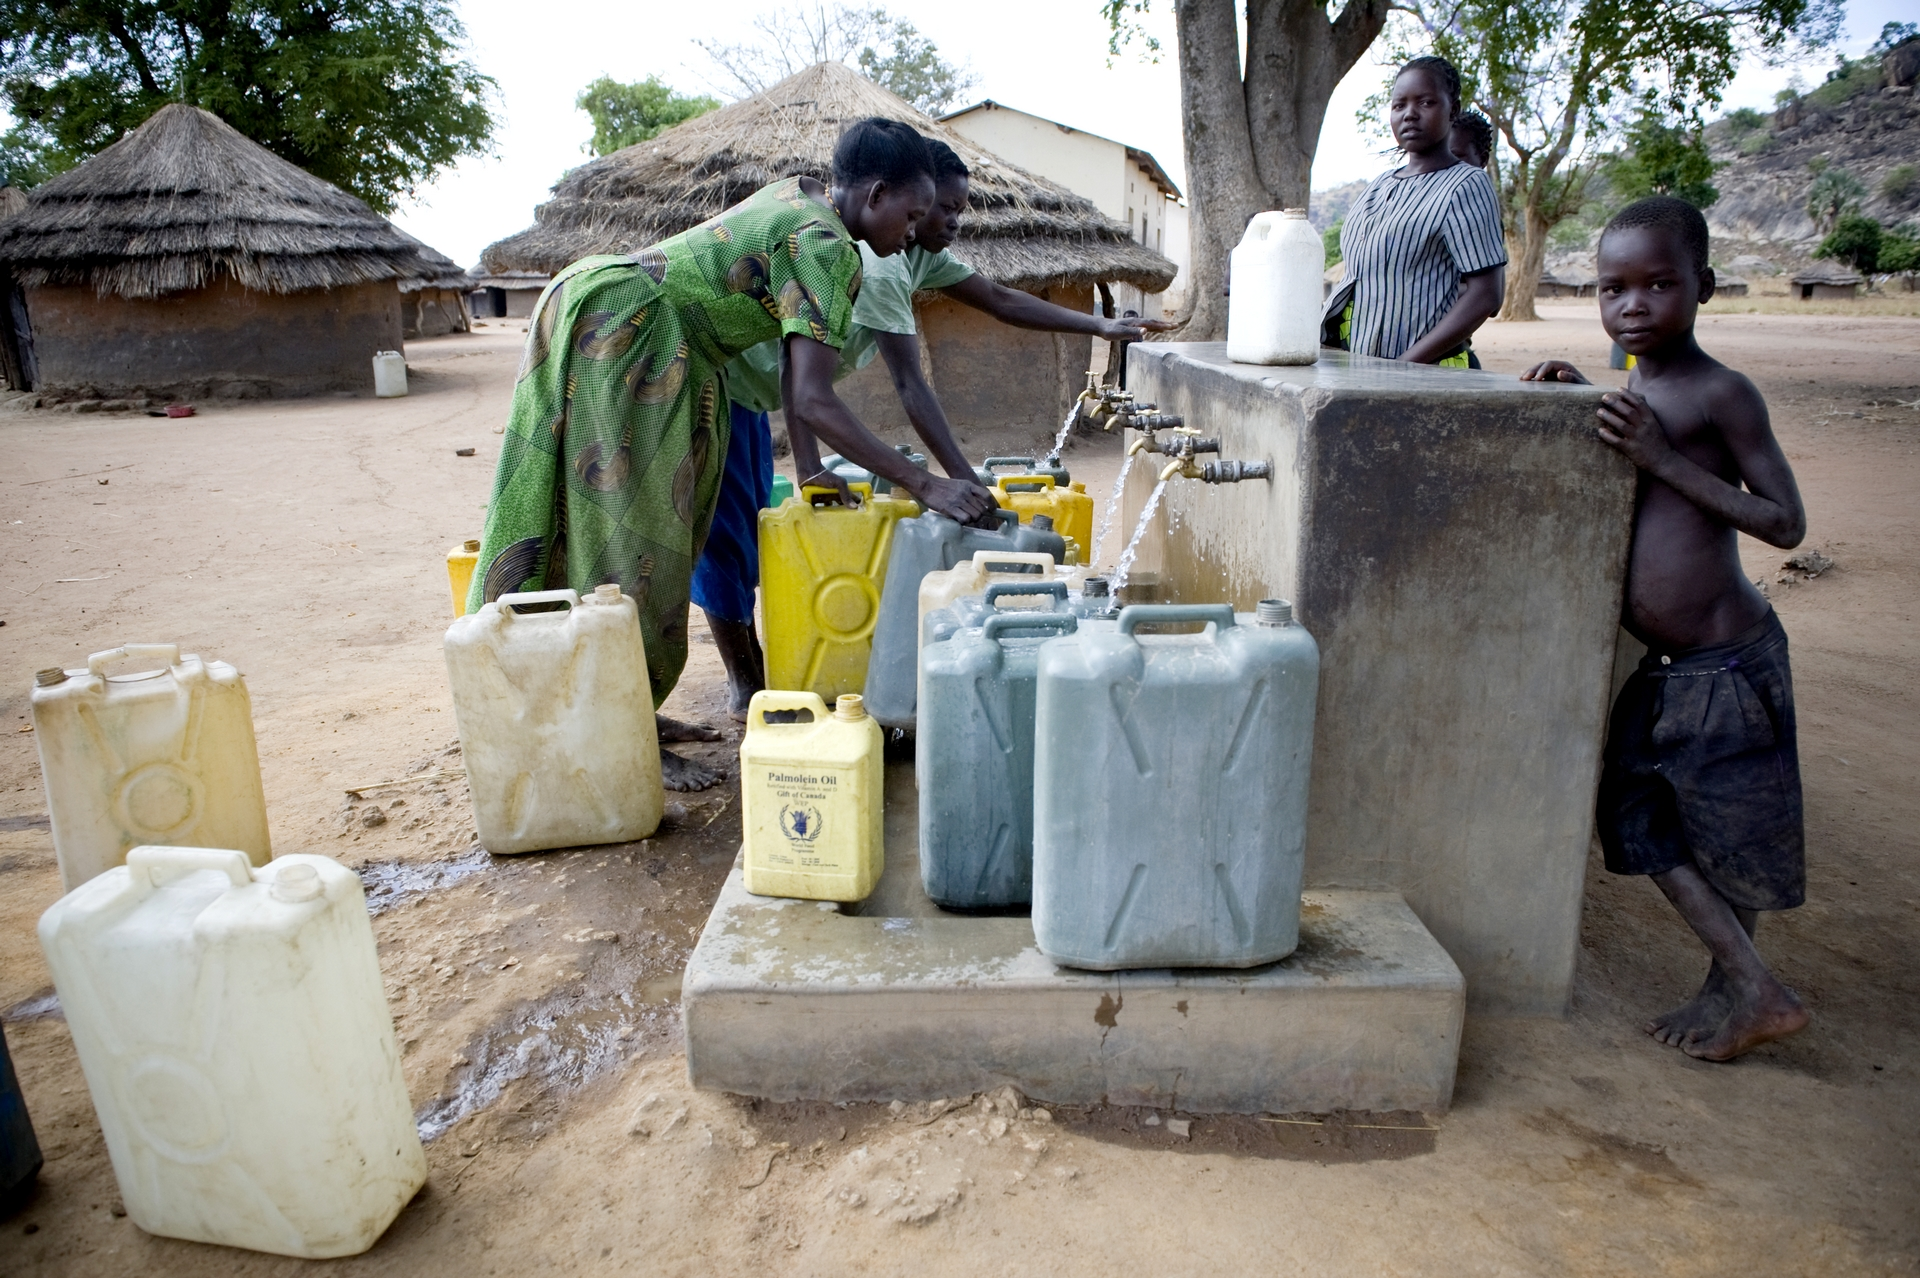 Nel mondo 663 milioni di persone non hanno accesso all'acqua potabile e un terzo della popolazione - 2,4 miliardi di persone - non dispone di servizi igienico-sanitari adeguati.